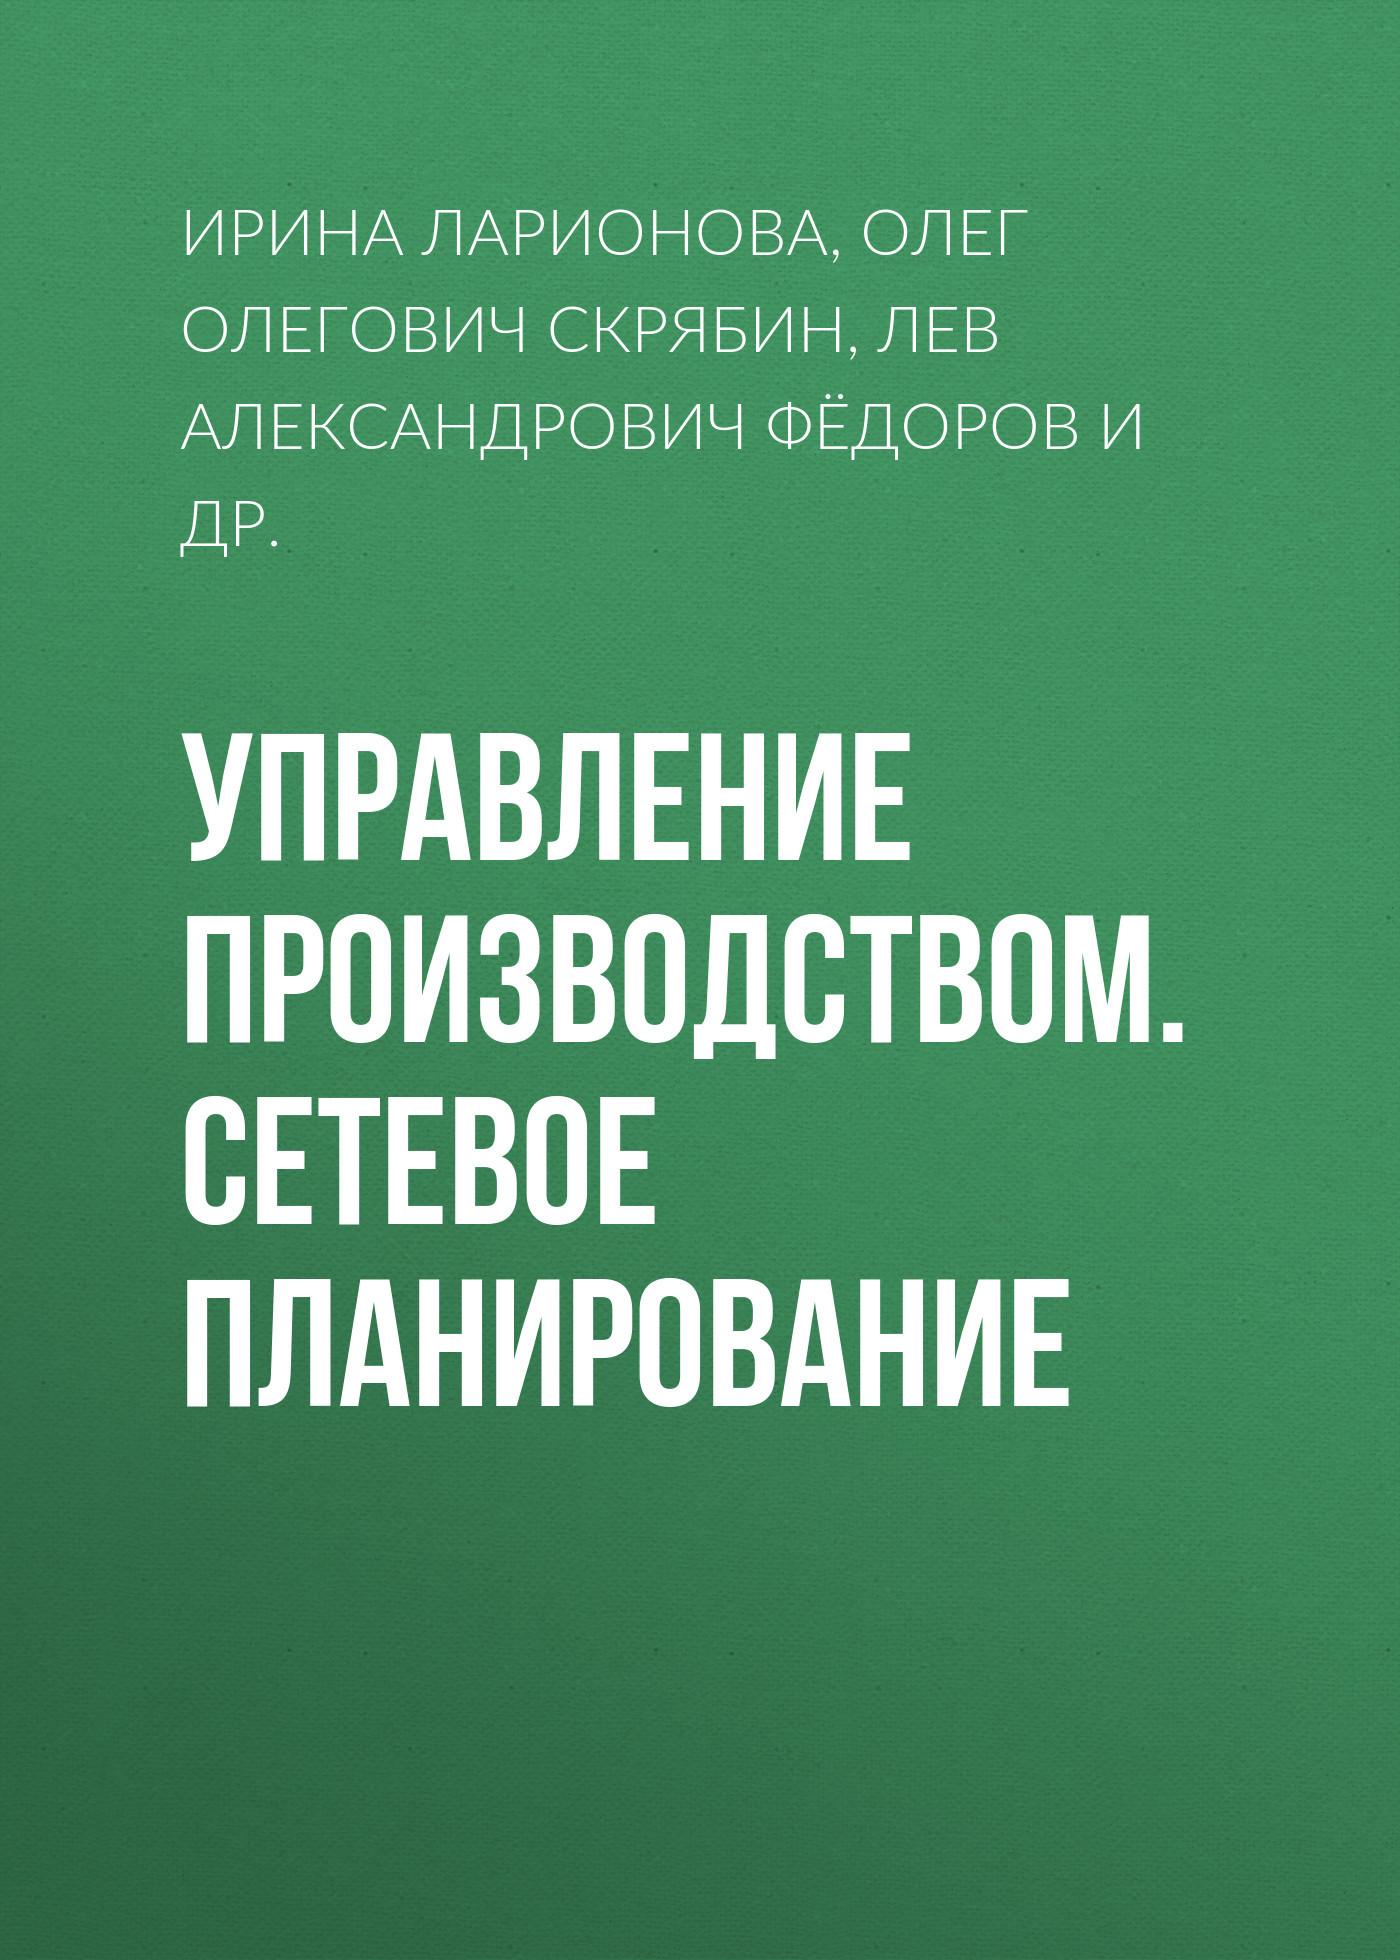 Лев Александрович Фёдоров. Управление производством. Сетевое планирование